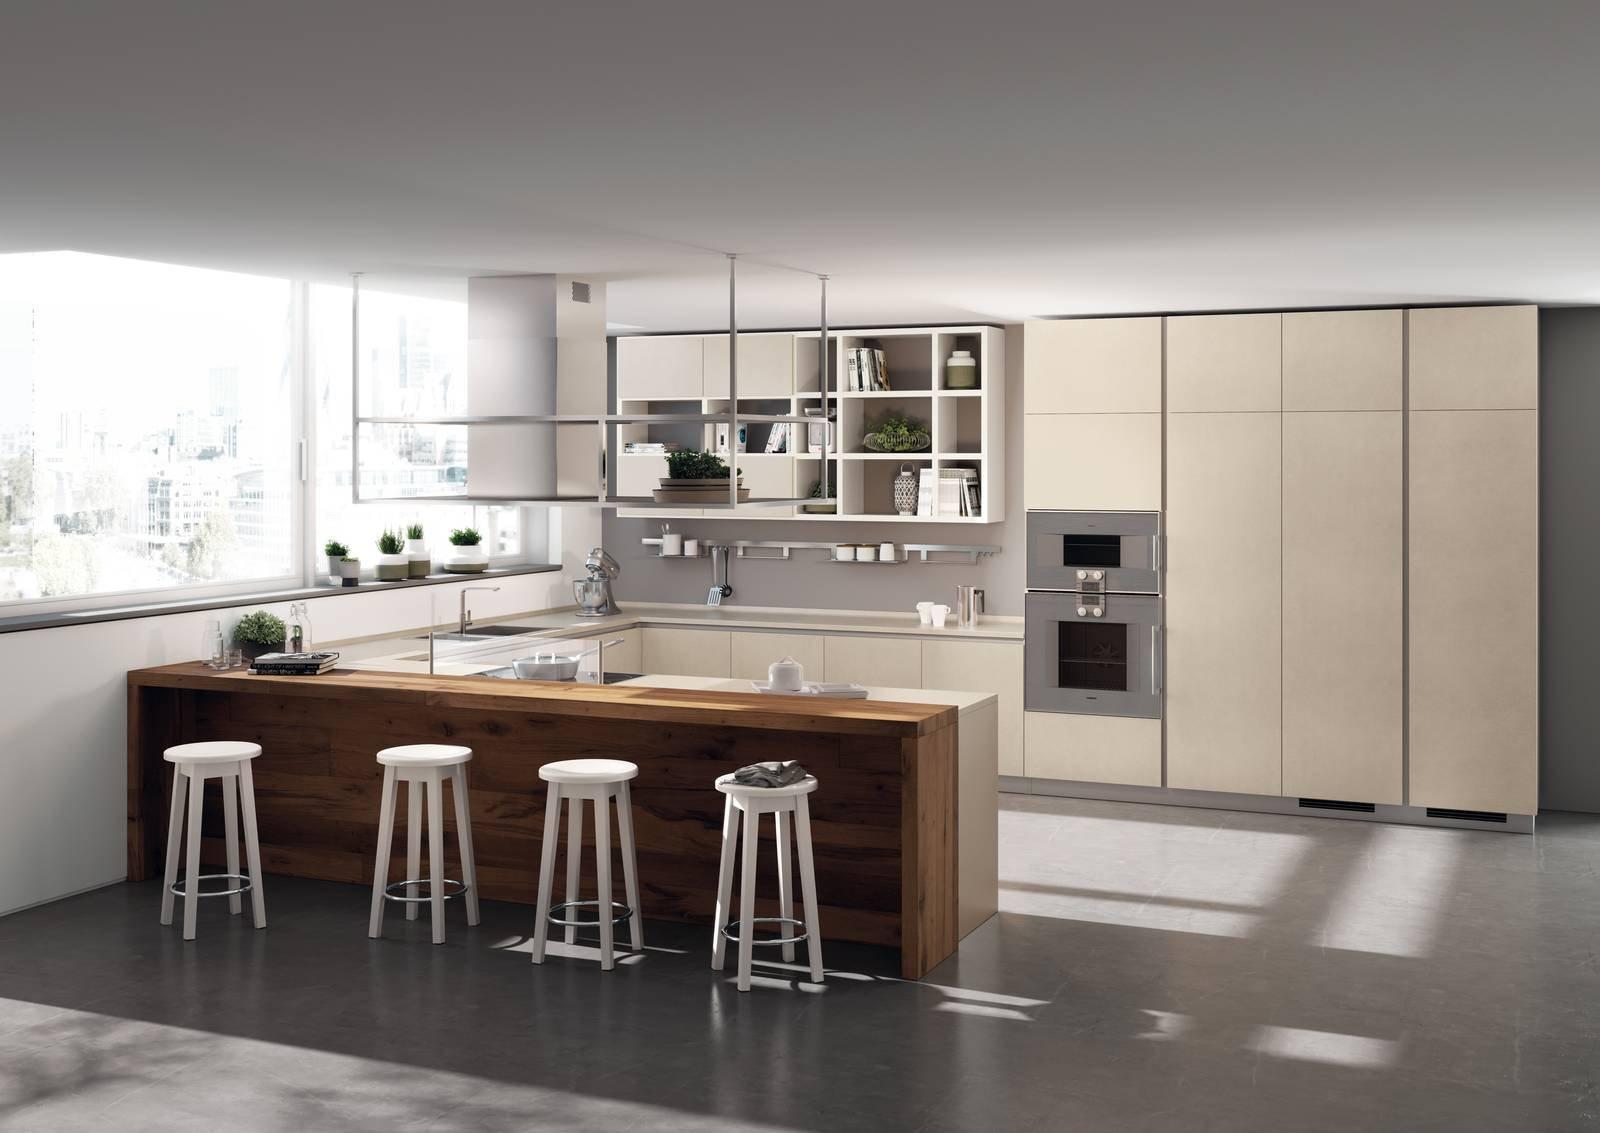 Cucine Ad U Moderne.La Cucina A U Raccolta Ergonomica Funzionale Cose Di Casa